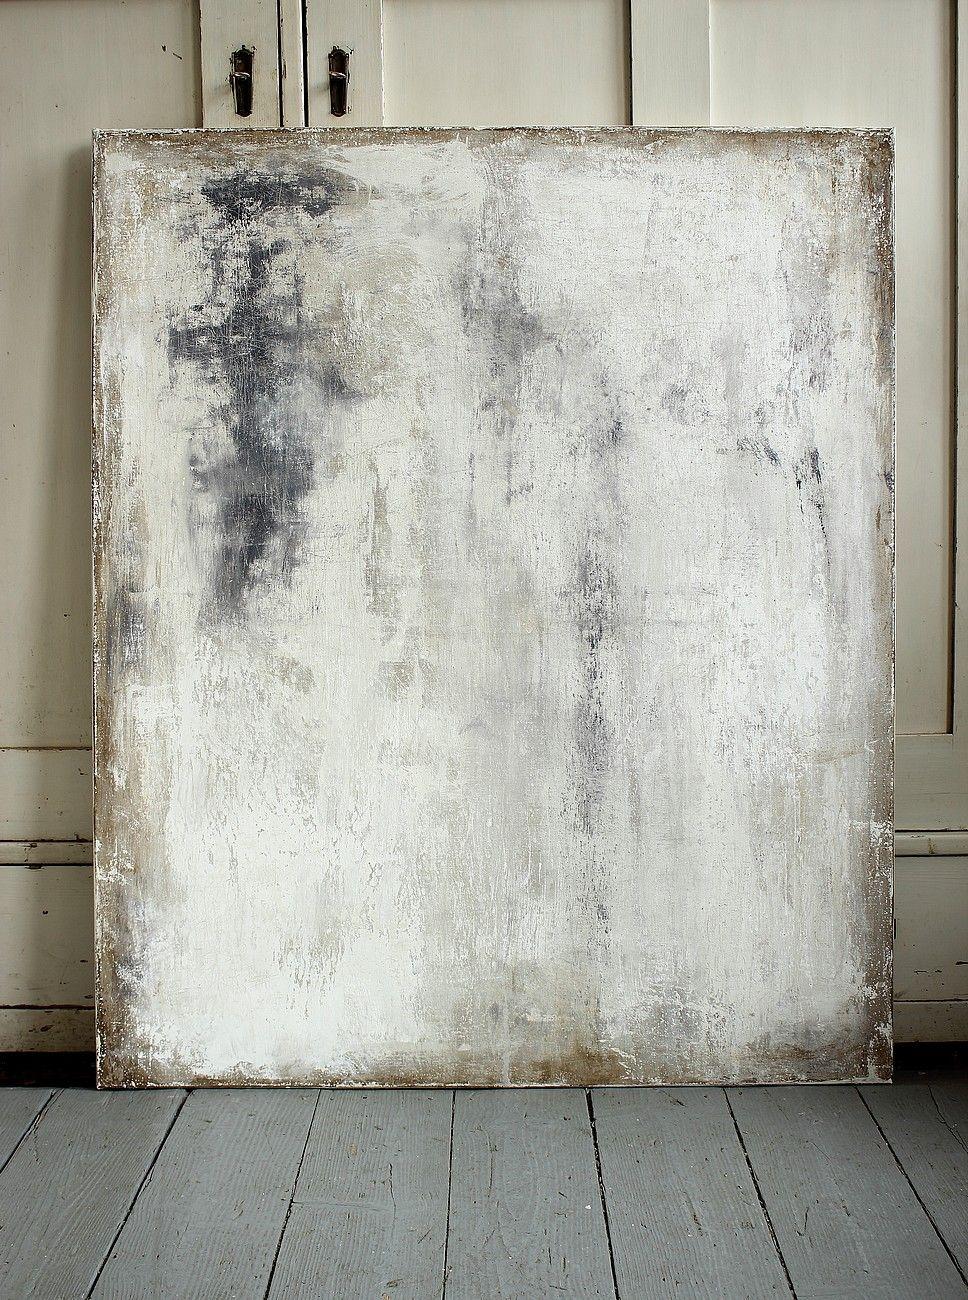 201 6 1 2 0 x 1 0 0 cm mischtechnik auf leinwand. Black Bedroom Furniture Sets. Home Design Ideas